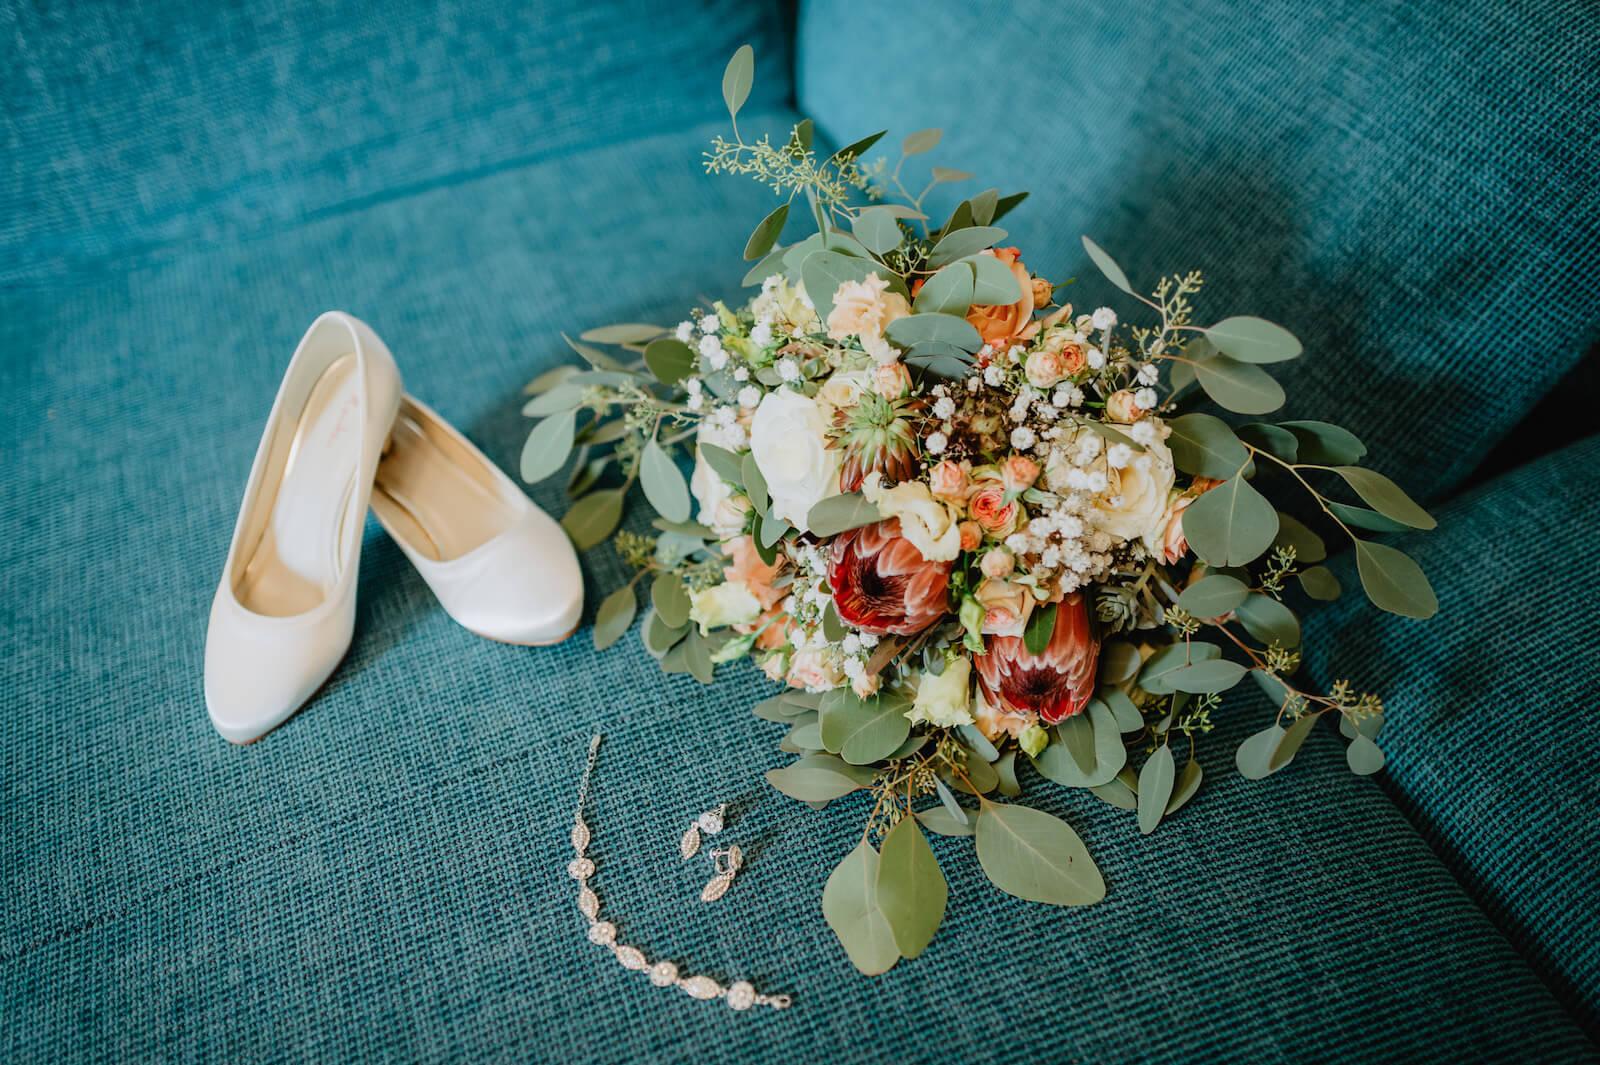 Gartenhochzeit Buchloe - Brautschuhe, Brautschmuck und Brautstrauß